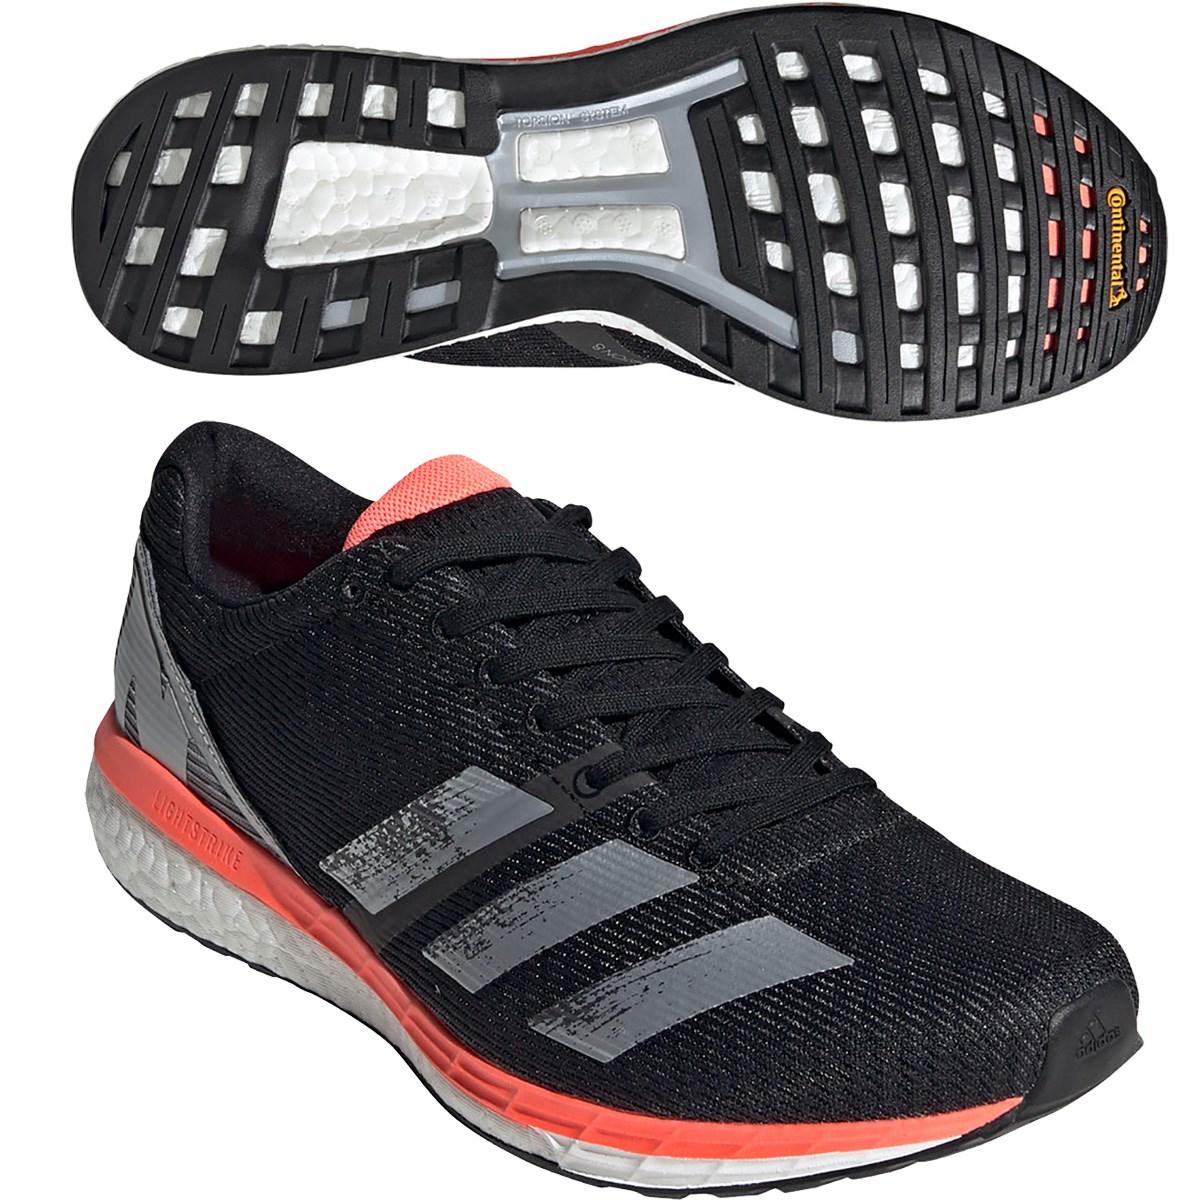 アディダス(adidas) adizero Boston 8 シューズ